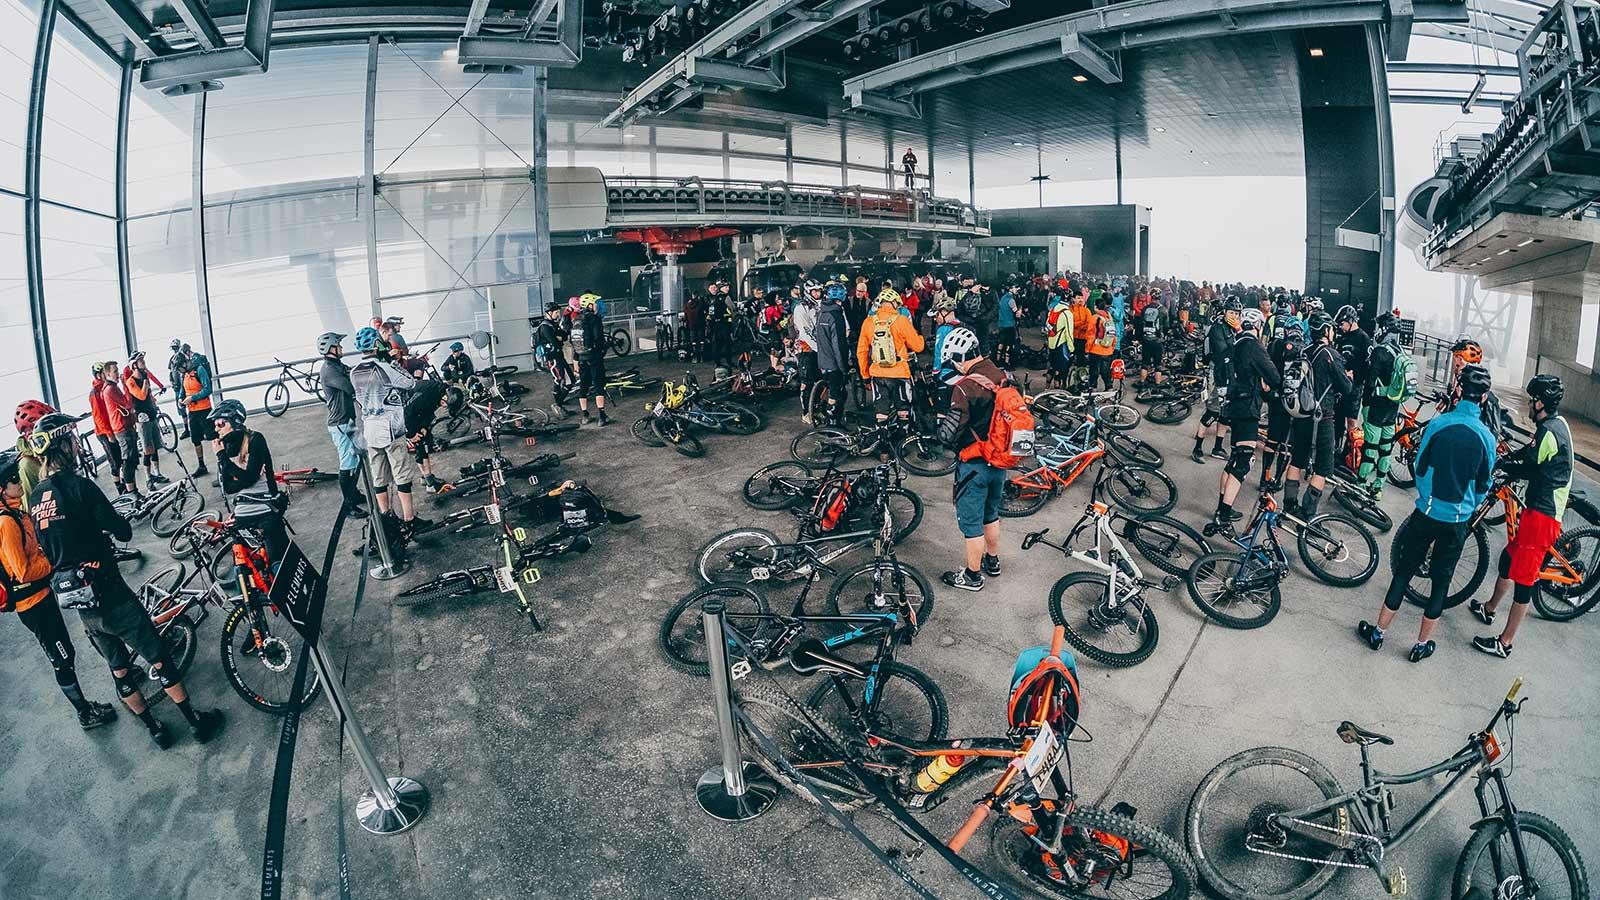 Event Schnitzeljagd 2019 - Sölden Mittelstation